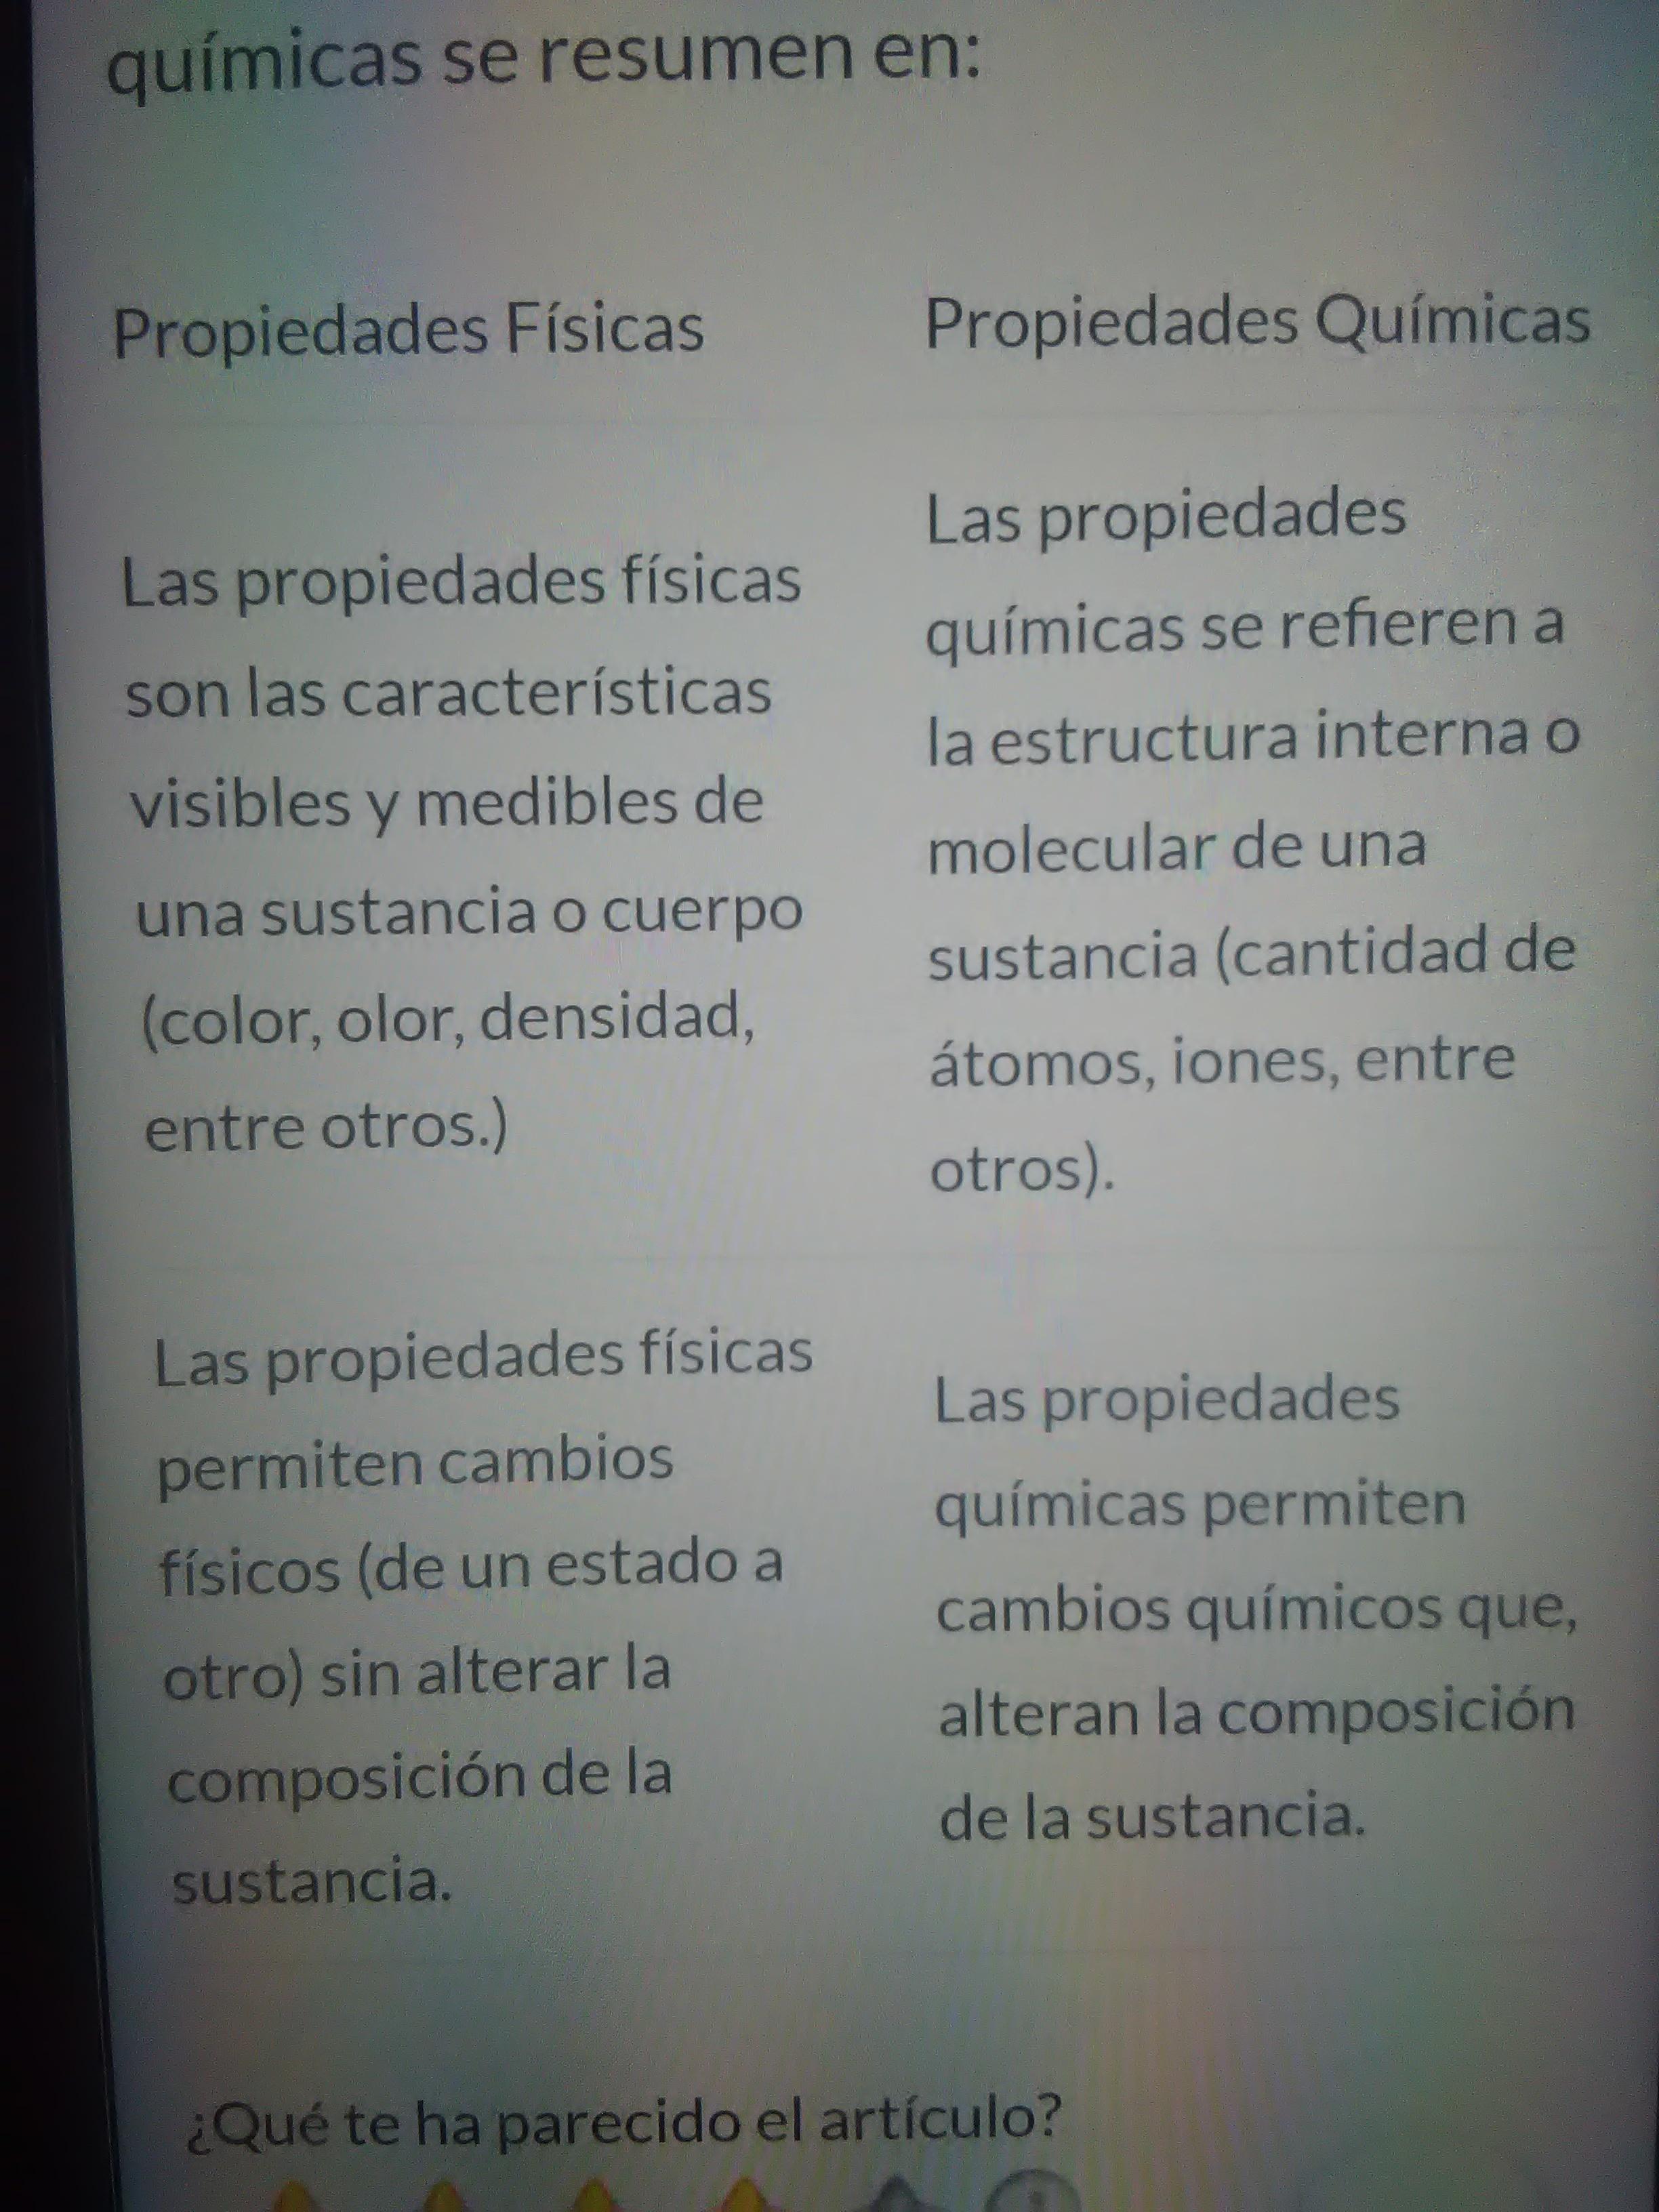 Cuadro Comparativo Entre Las Propiedades Fisicas Y Las